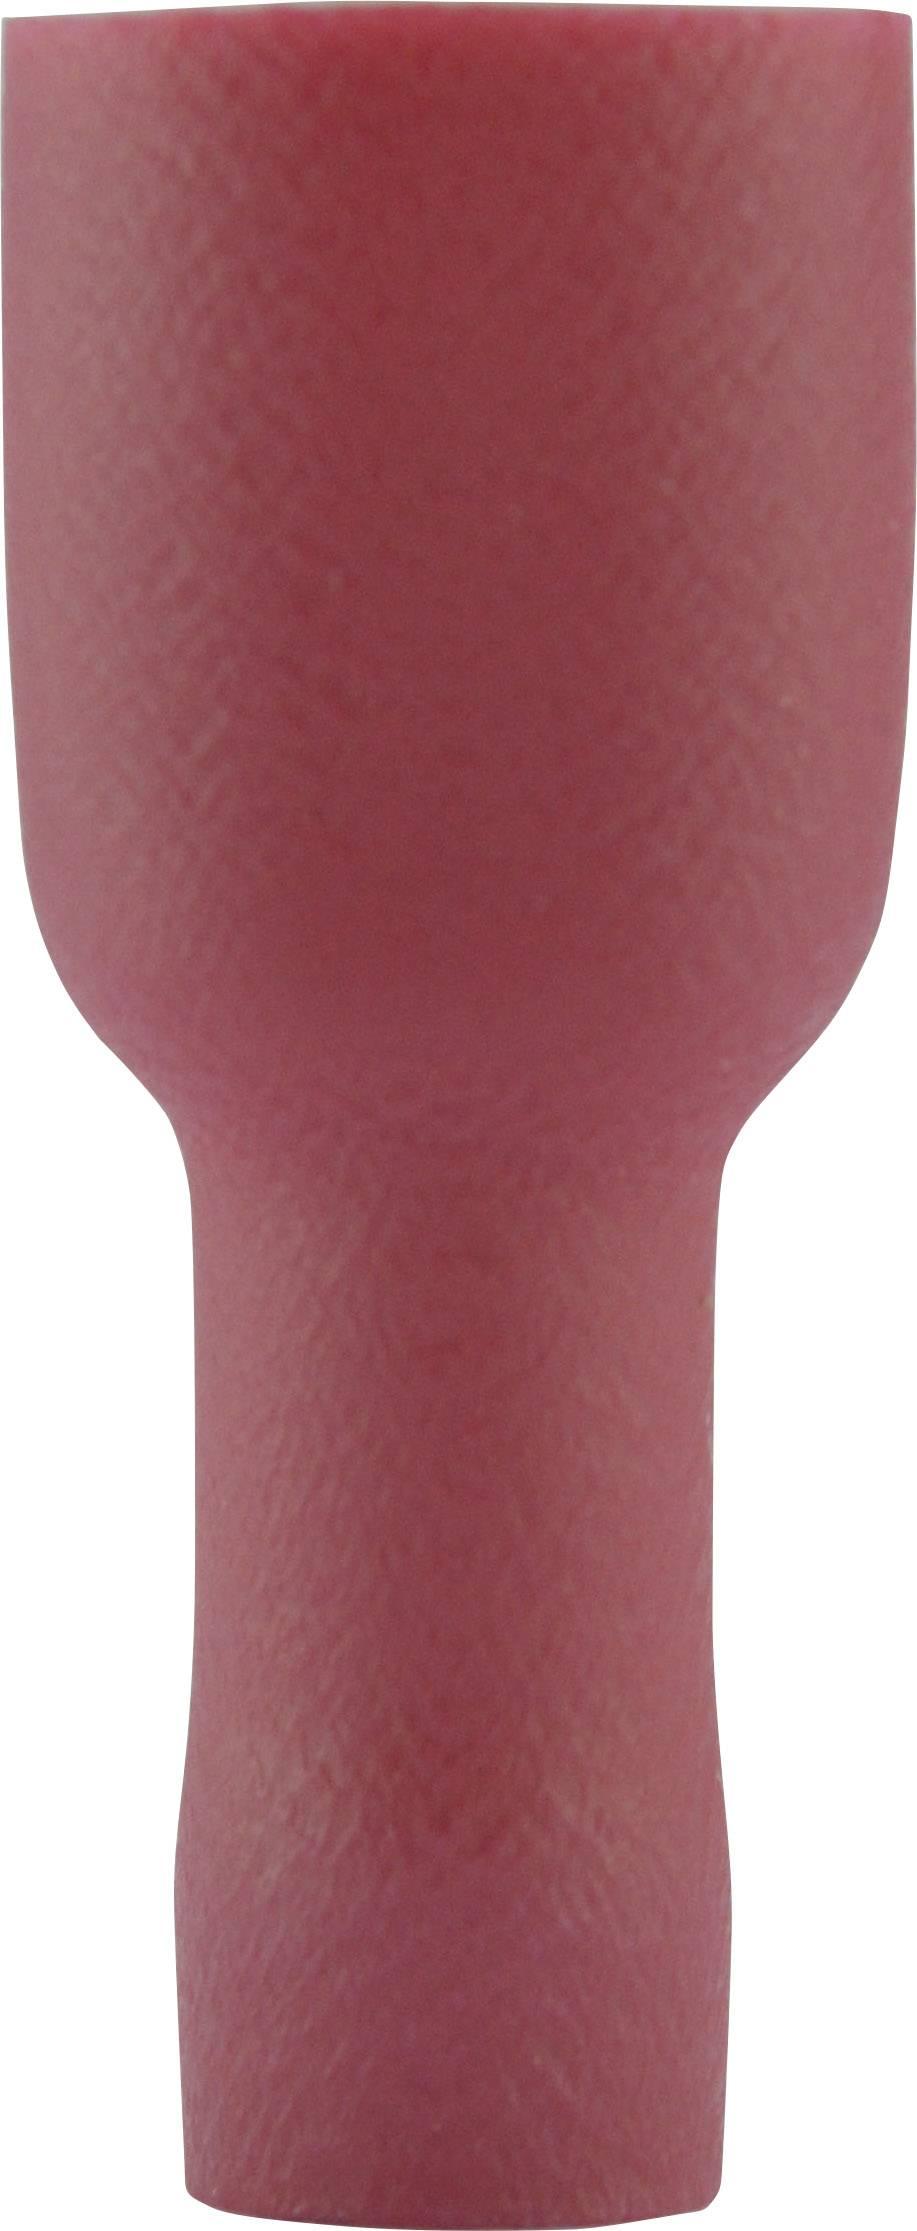 Faston zásuvka Vogt Verbindungstechnik 3944S 6.3 mm x 0.8 mm, 180 °, plná izolace, červená, 1 ks